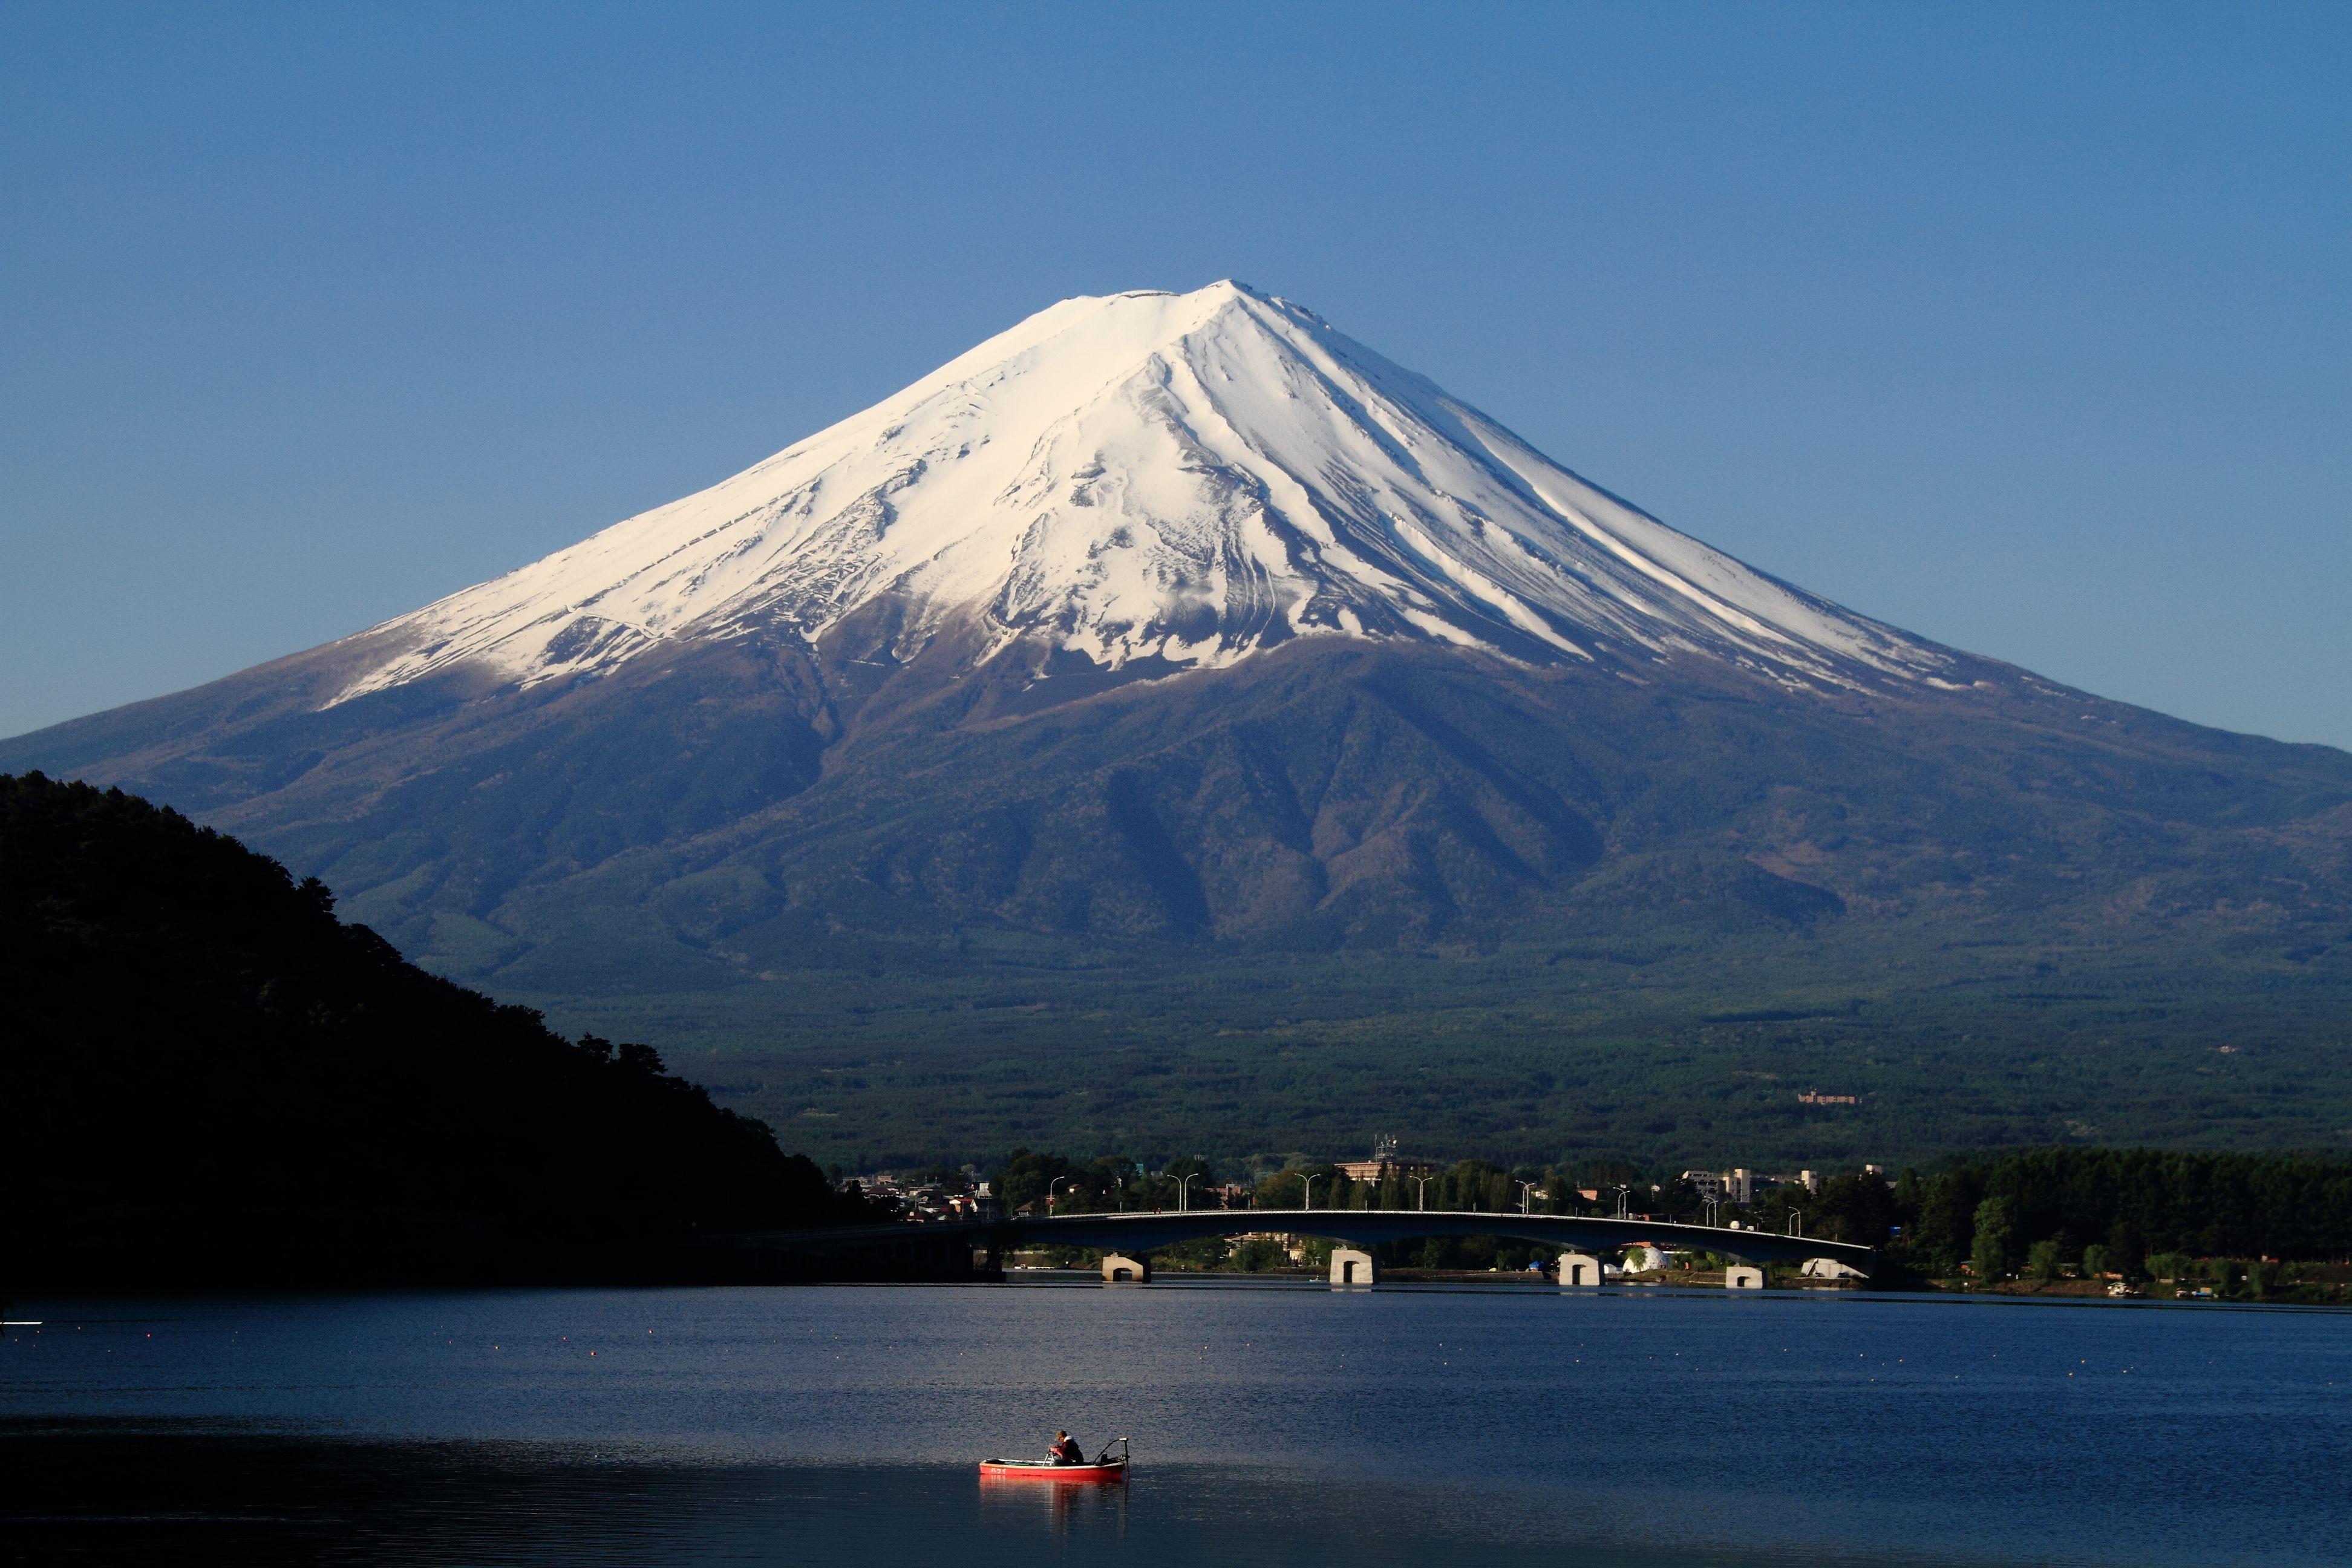 Mount_Fuji